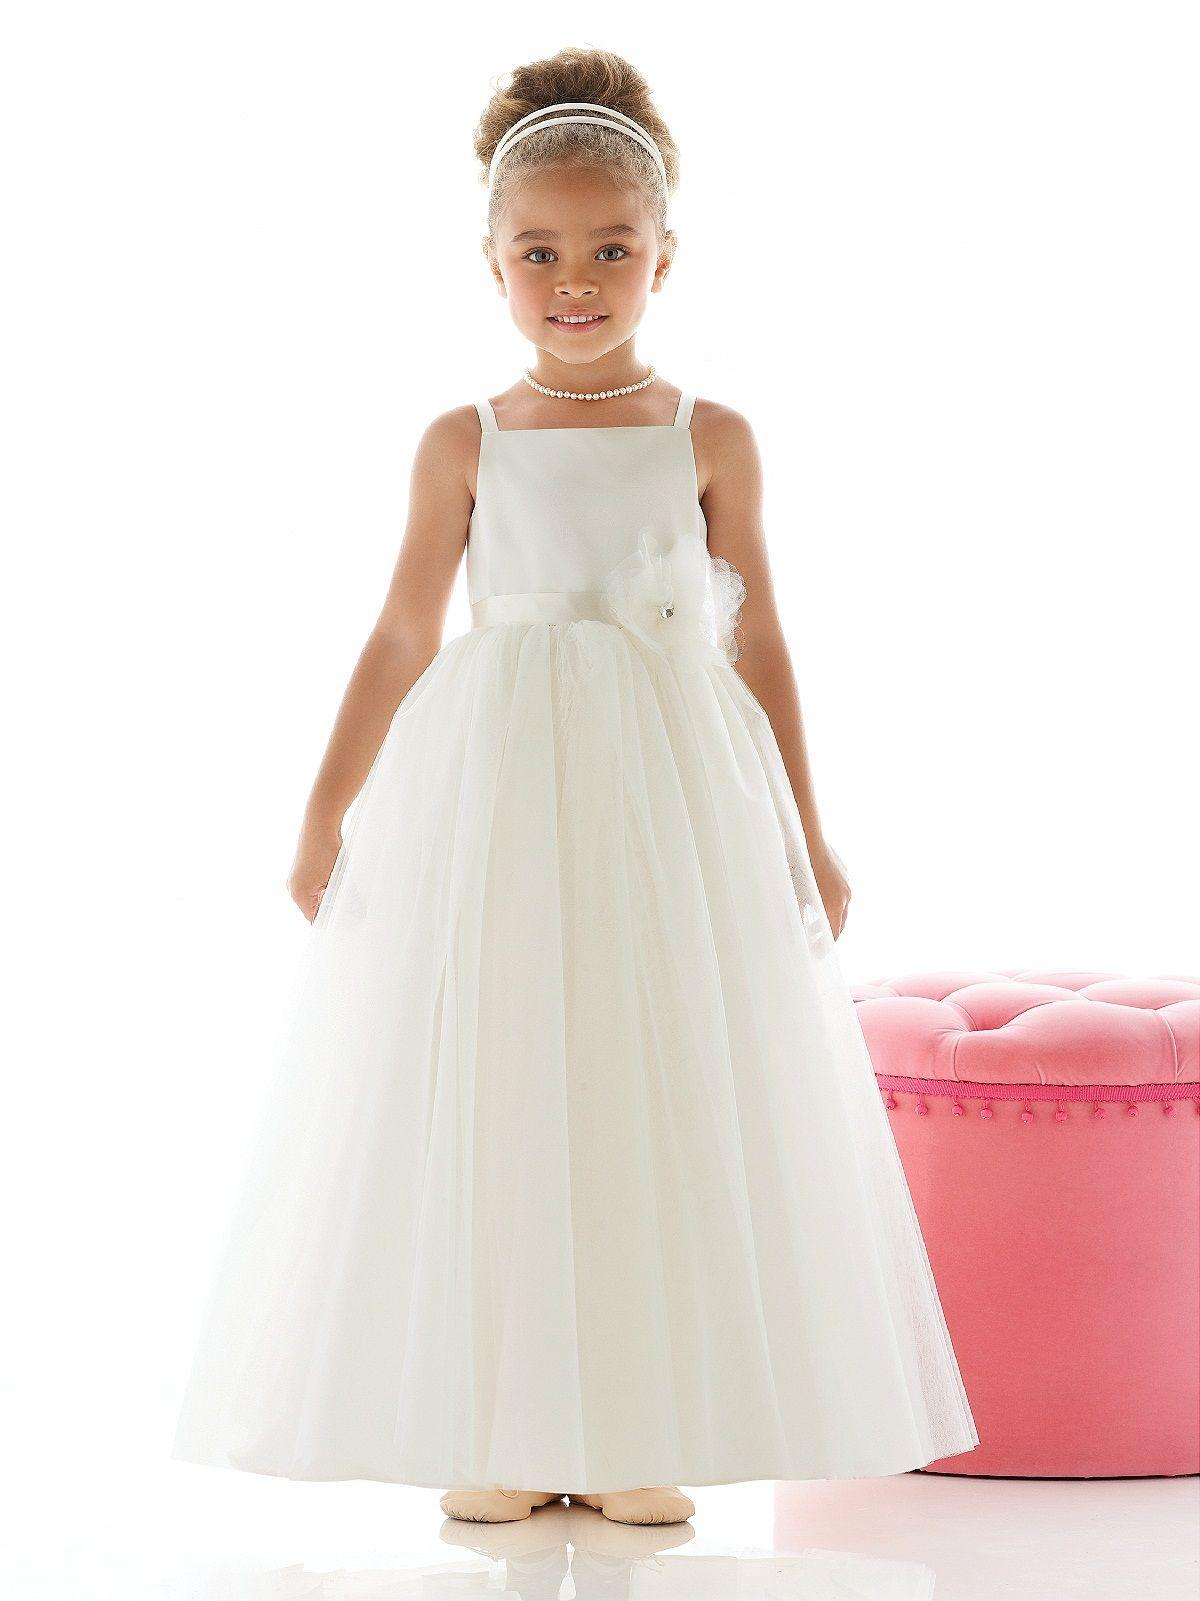 Genial Günstige Brautkleider Design20 Genial Günstige Brautkleider für 2019